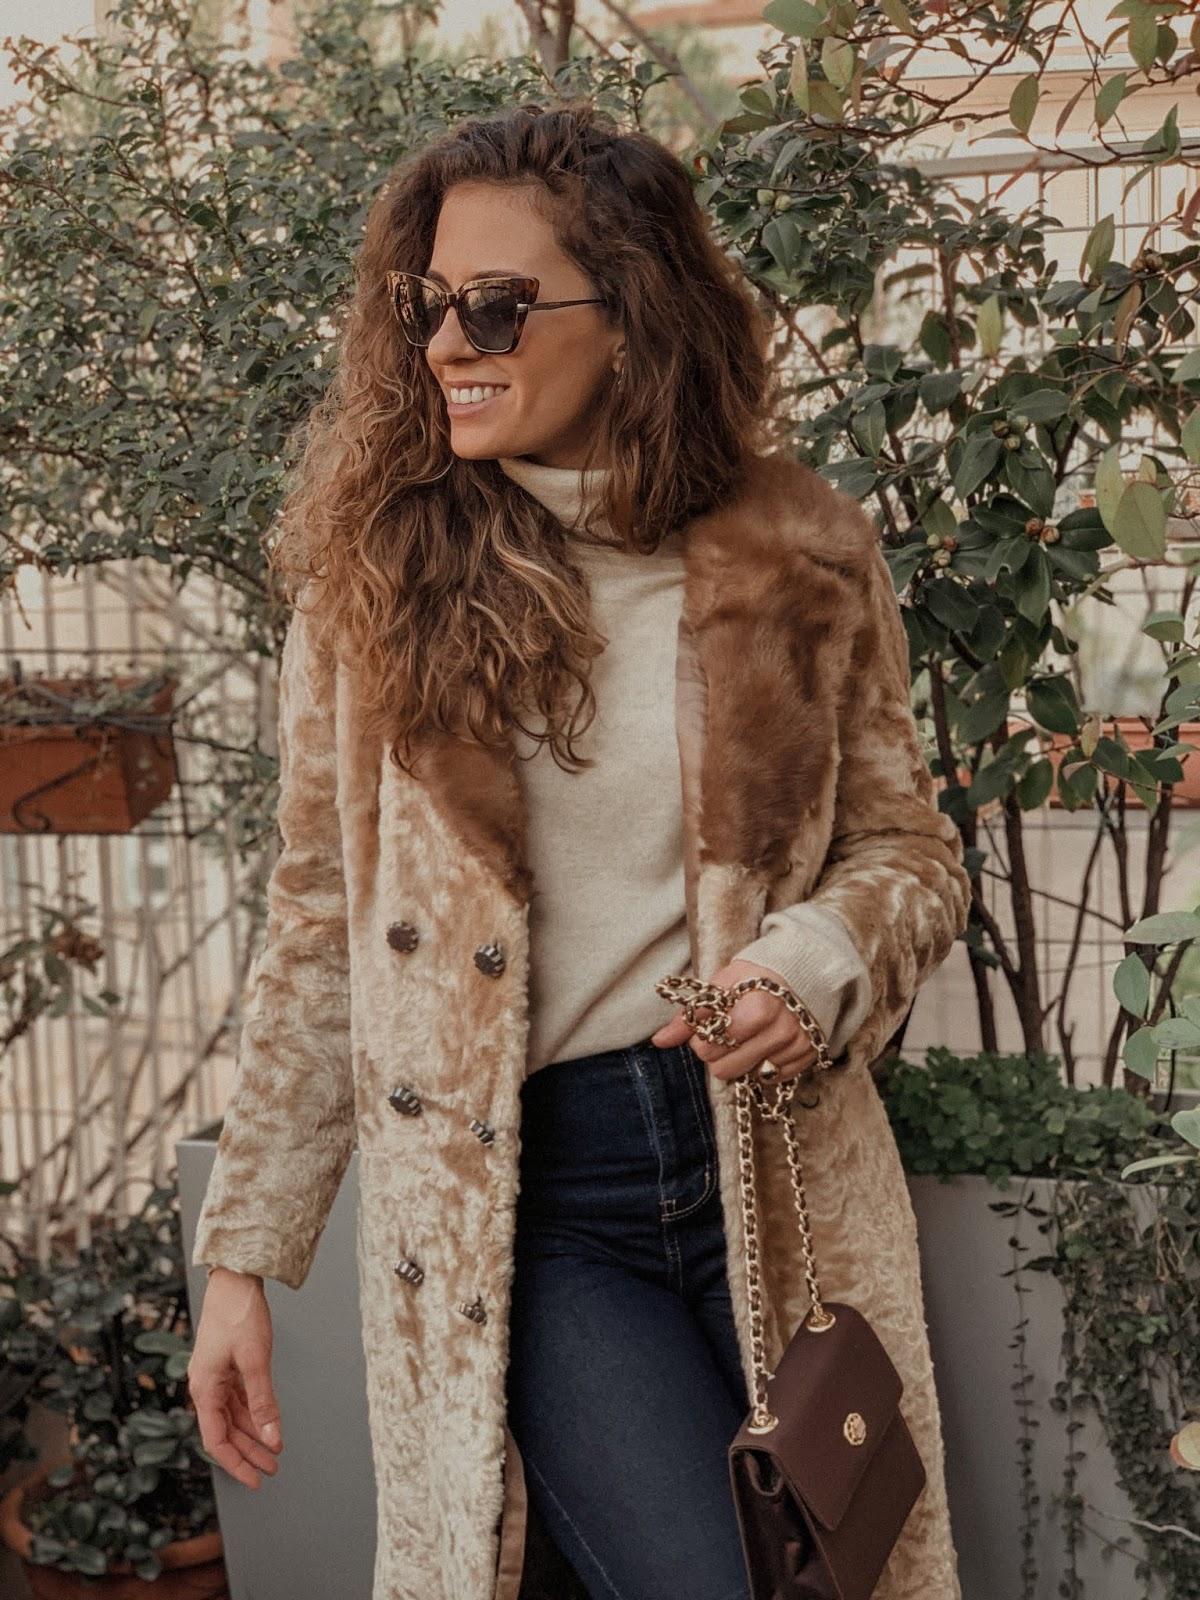 pelliccia vintage dare nuova vita ad un capo, pelliccia vintage, pelliccia anni 80, Valentina Rago, fashion need, fashion blog milano